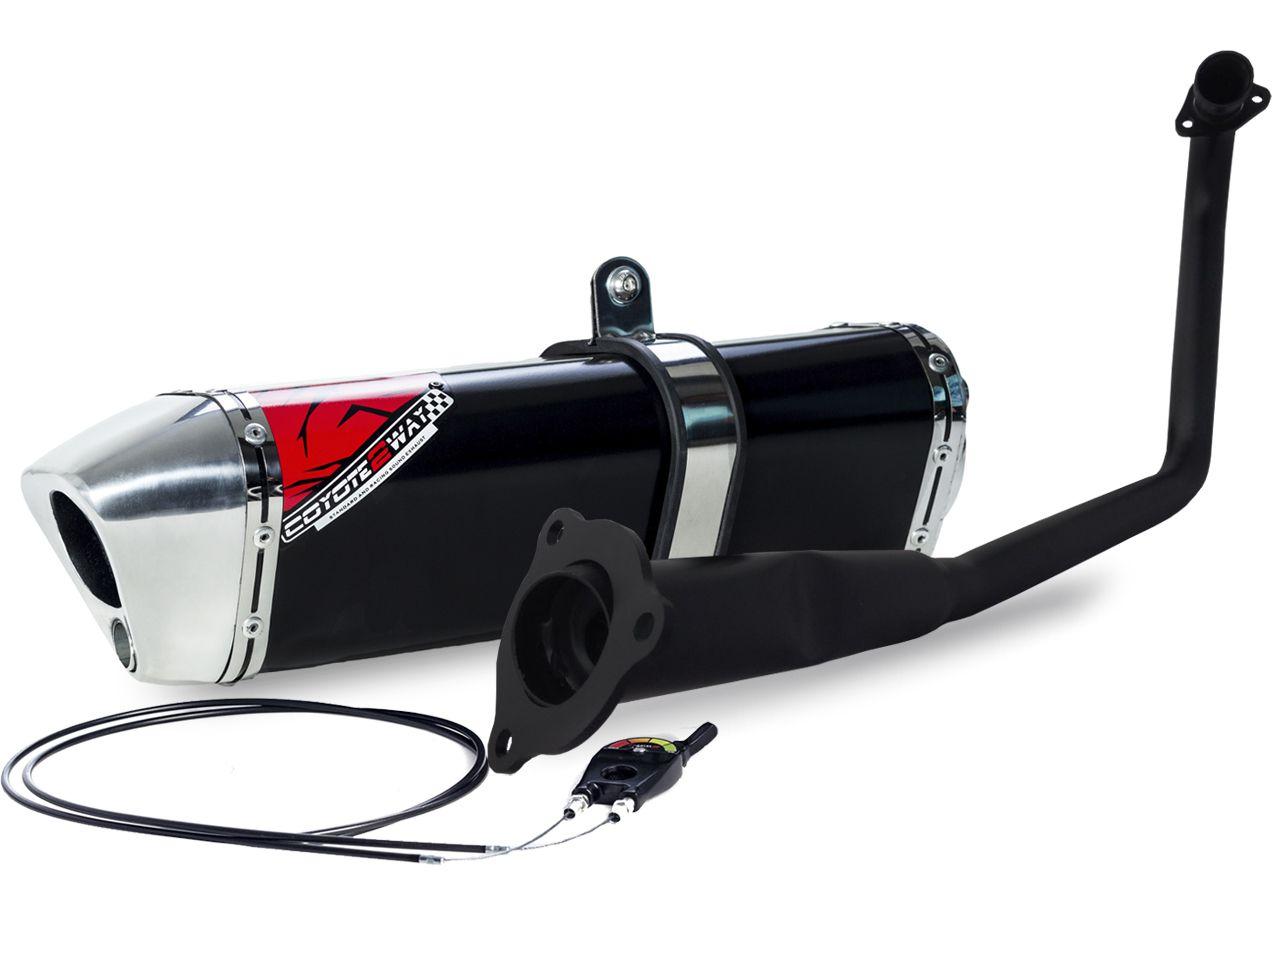 Escape / Ponteira Coyote Modelo TRS 2 Way + Mais em Alumínio - CG 160 Fan / Start até 2017 (Exceto Titan 160) - Honda